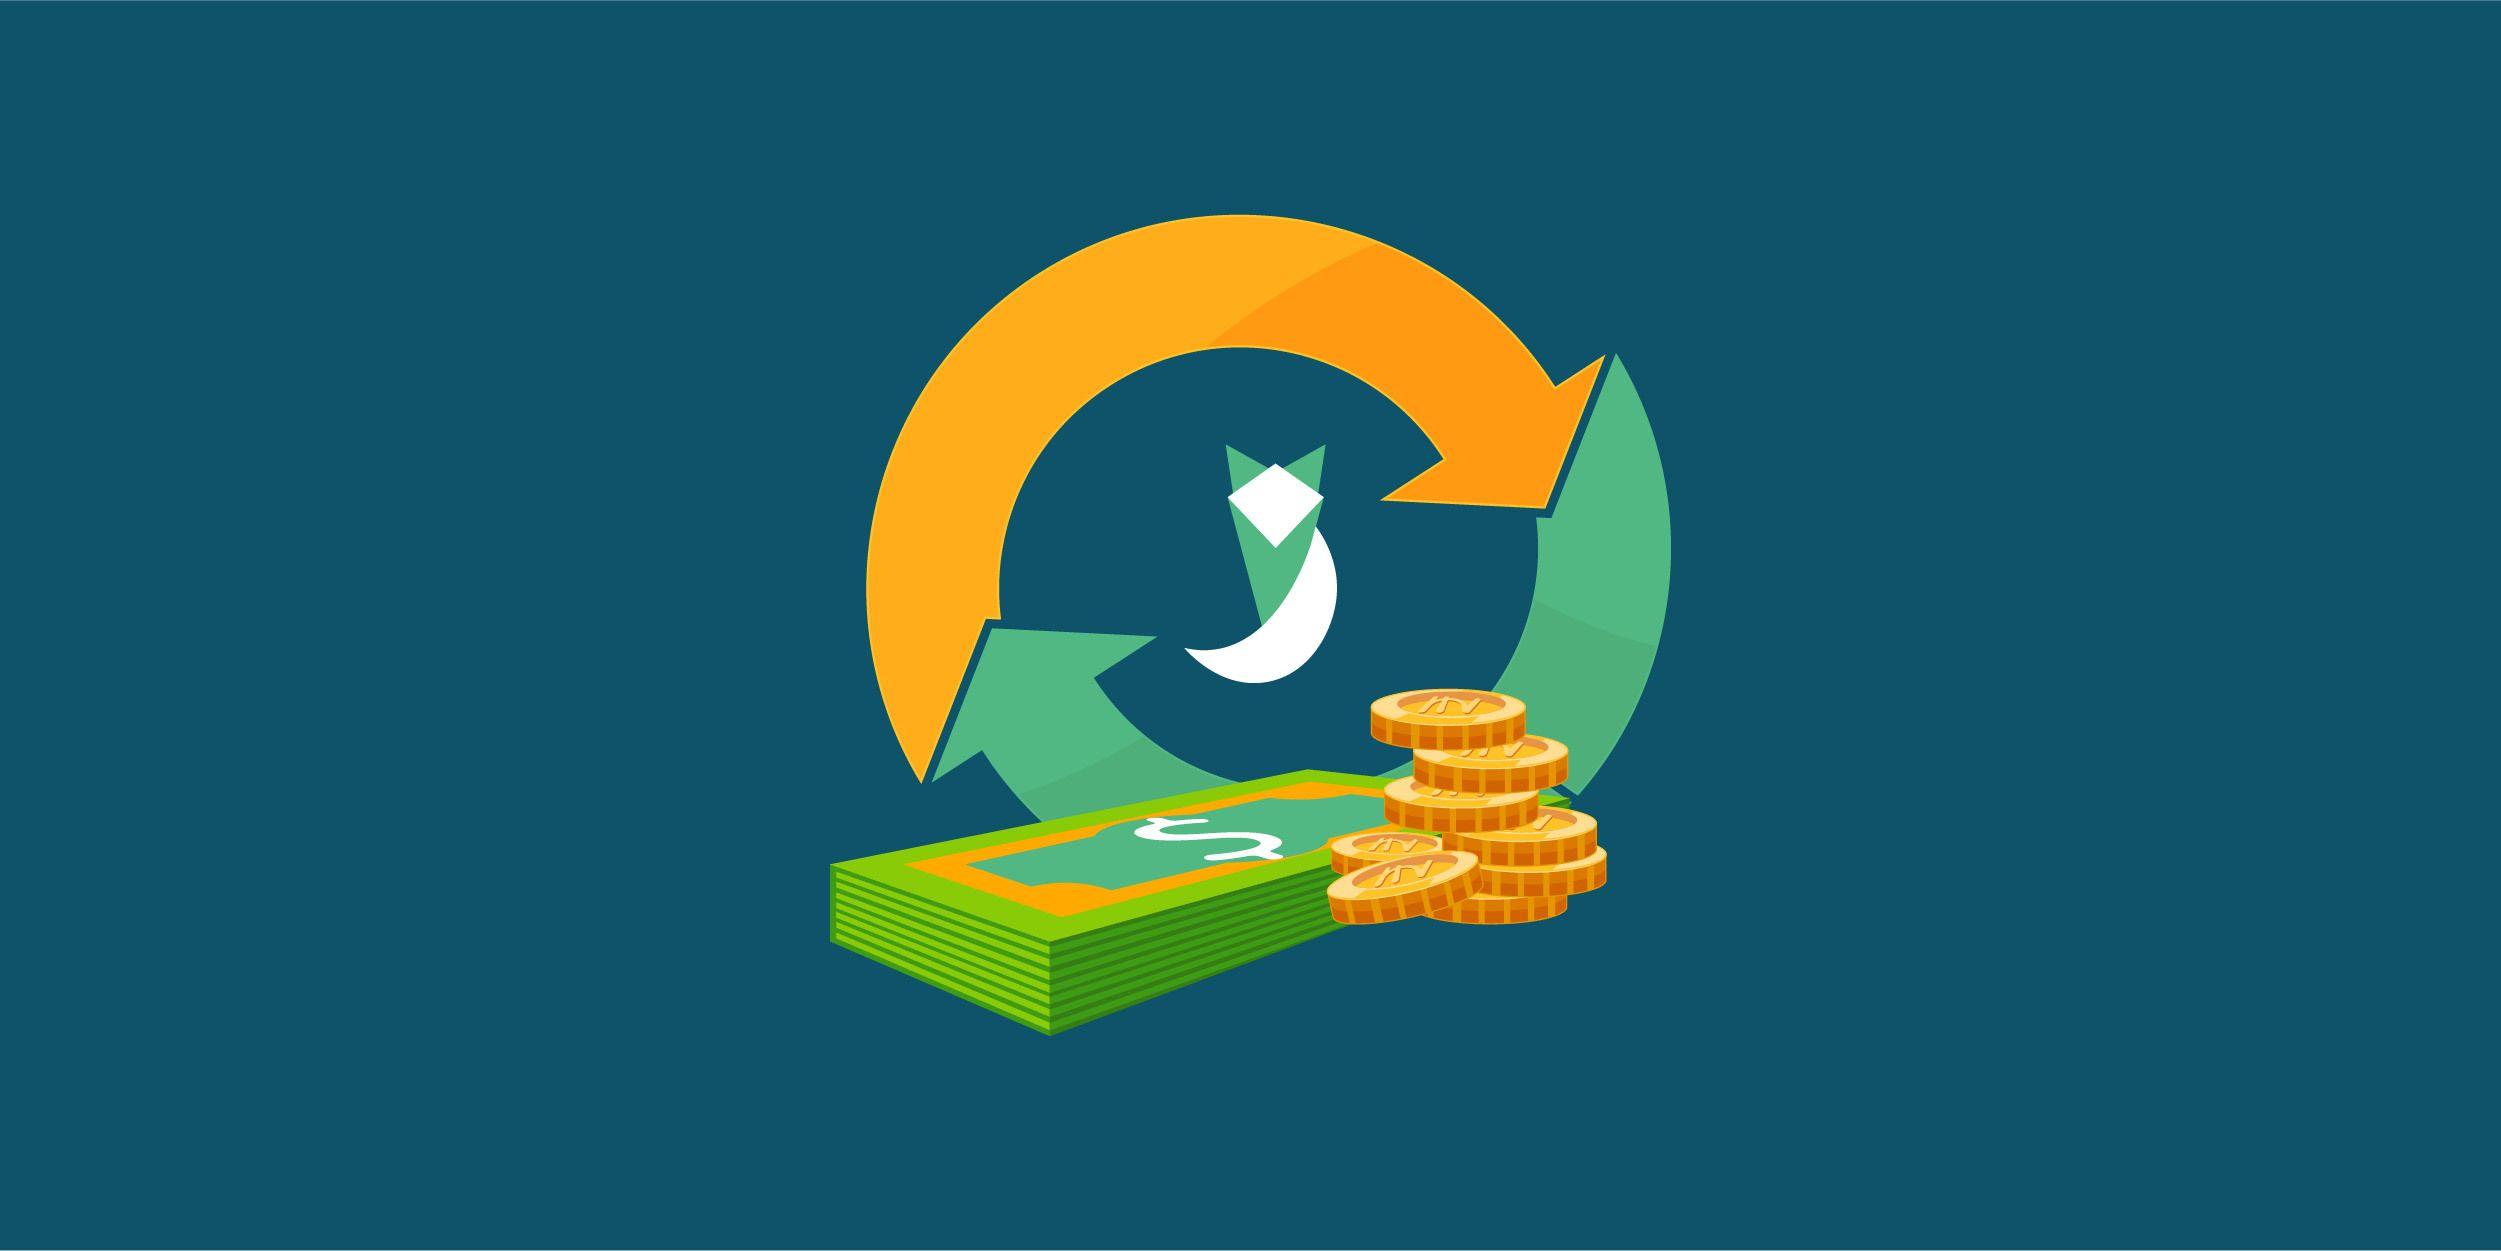 أسعار العملات الاتنين 12 أبريل!